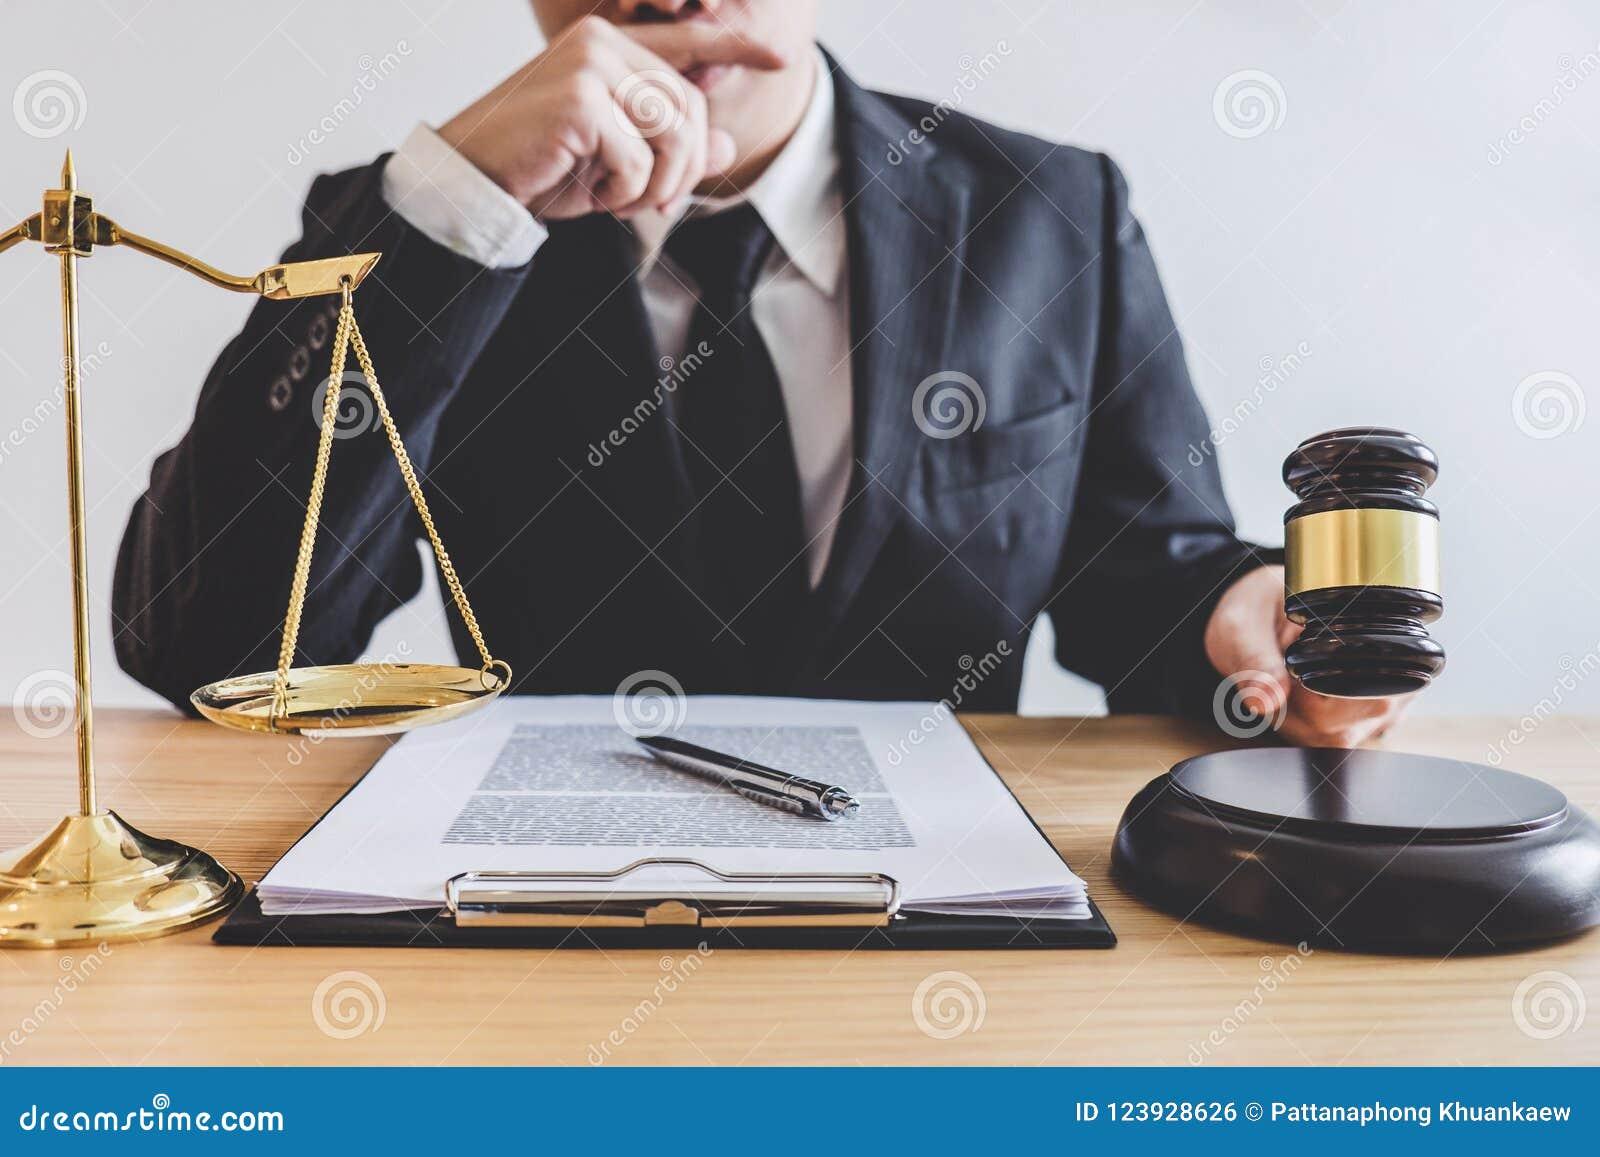 Rechtershamer met schalen van rechtvaardigheid, professionele mannelijke advocaten of